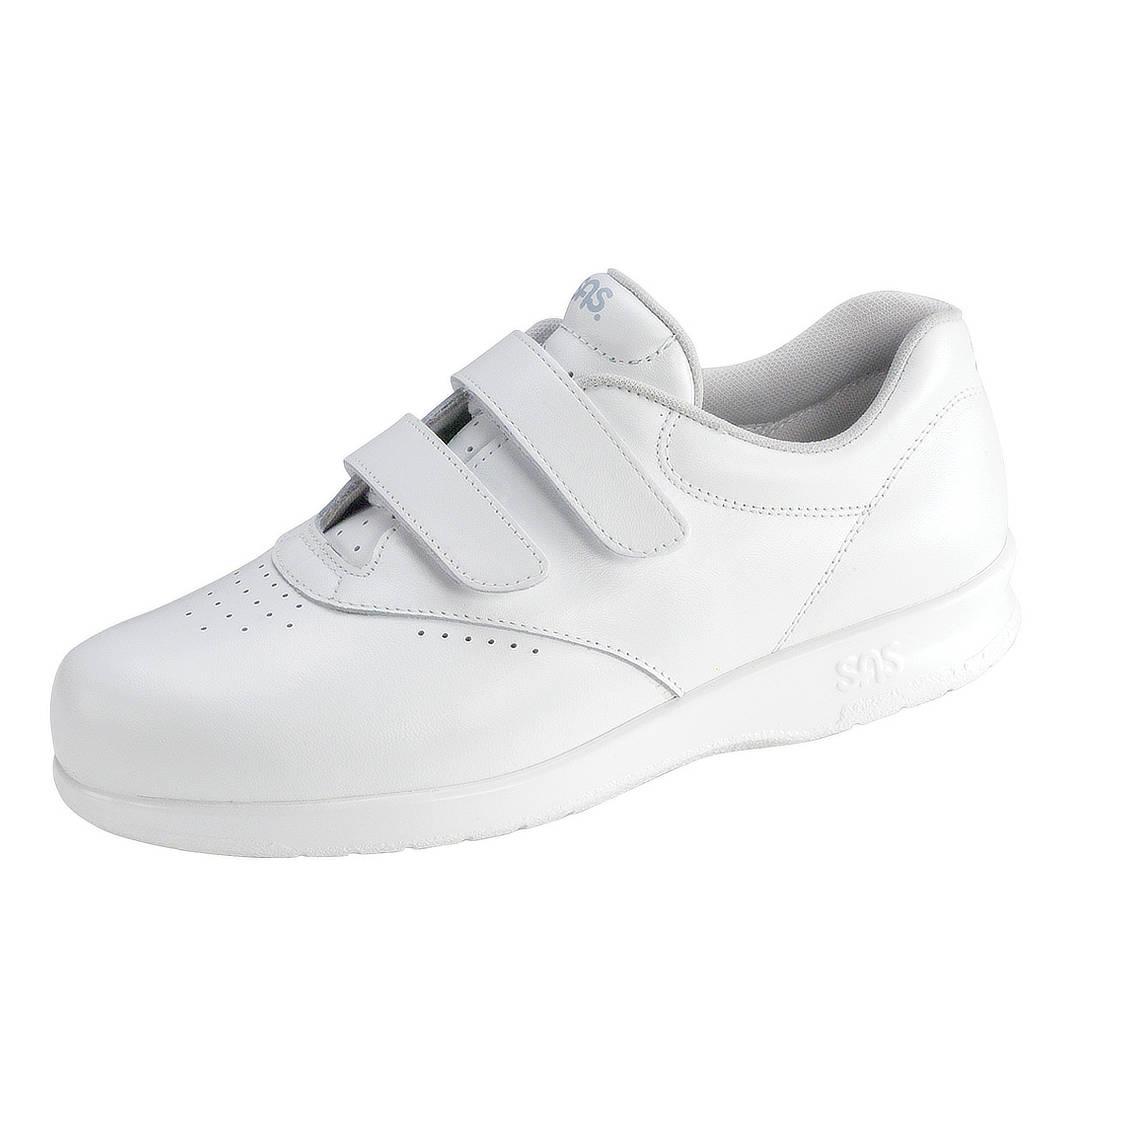 sas-womens-me-too-white-1580-001-2